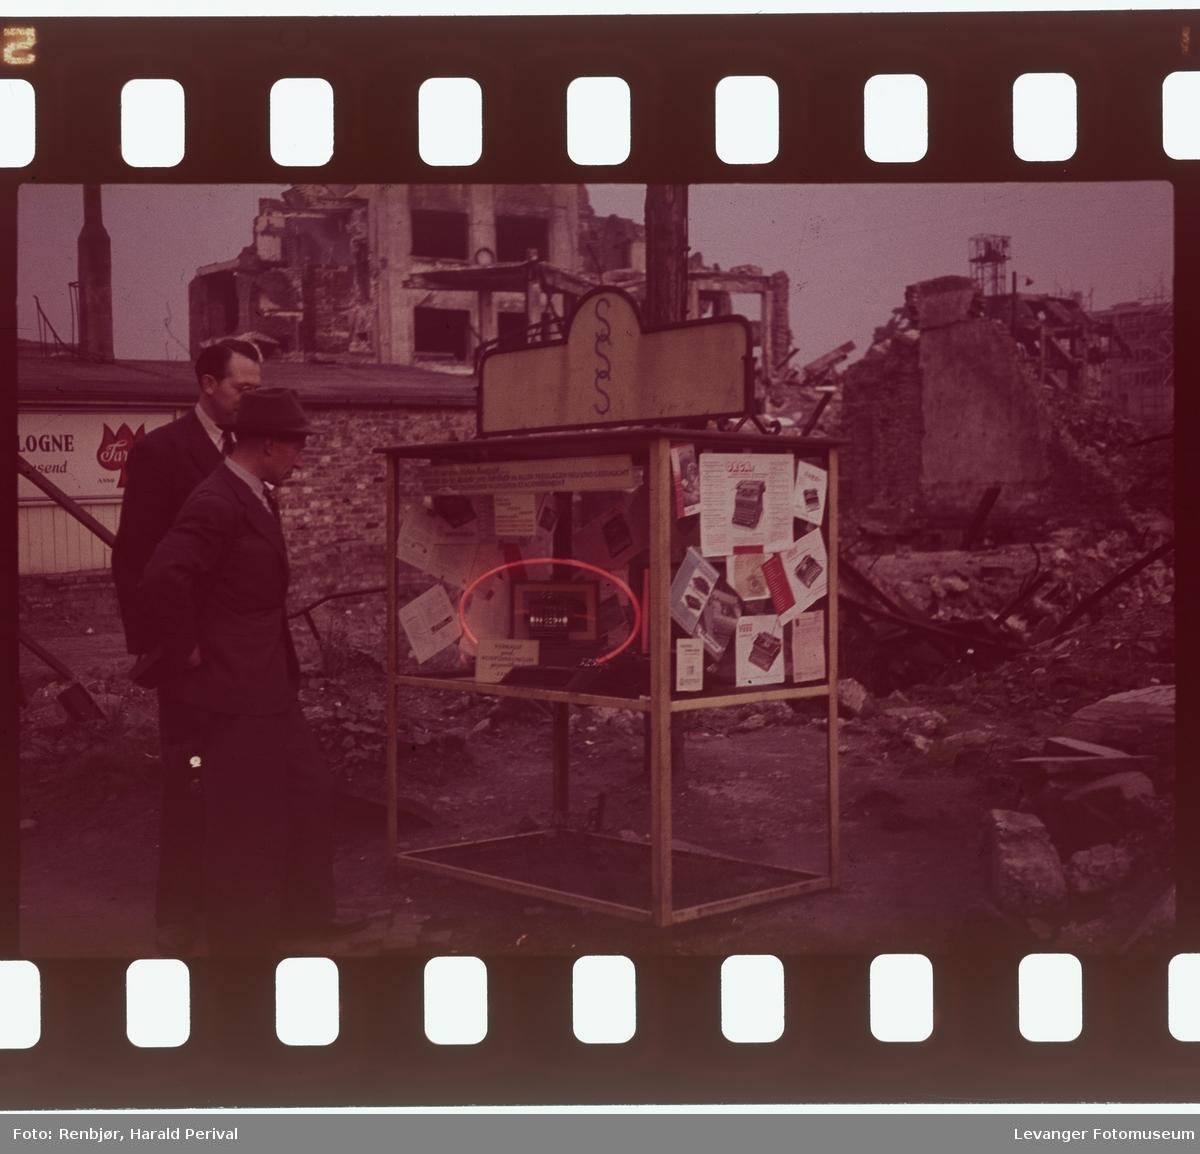 Fra Tyskland i forbindelse med deltakingen på den årlige Fotomessen i Køln. En regneapparat for salg(?) i ruinene.